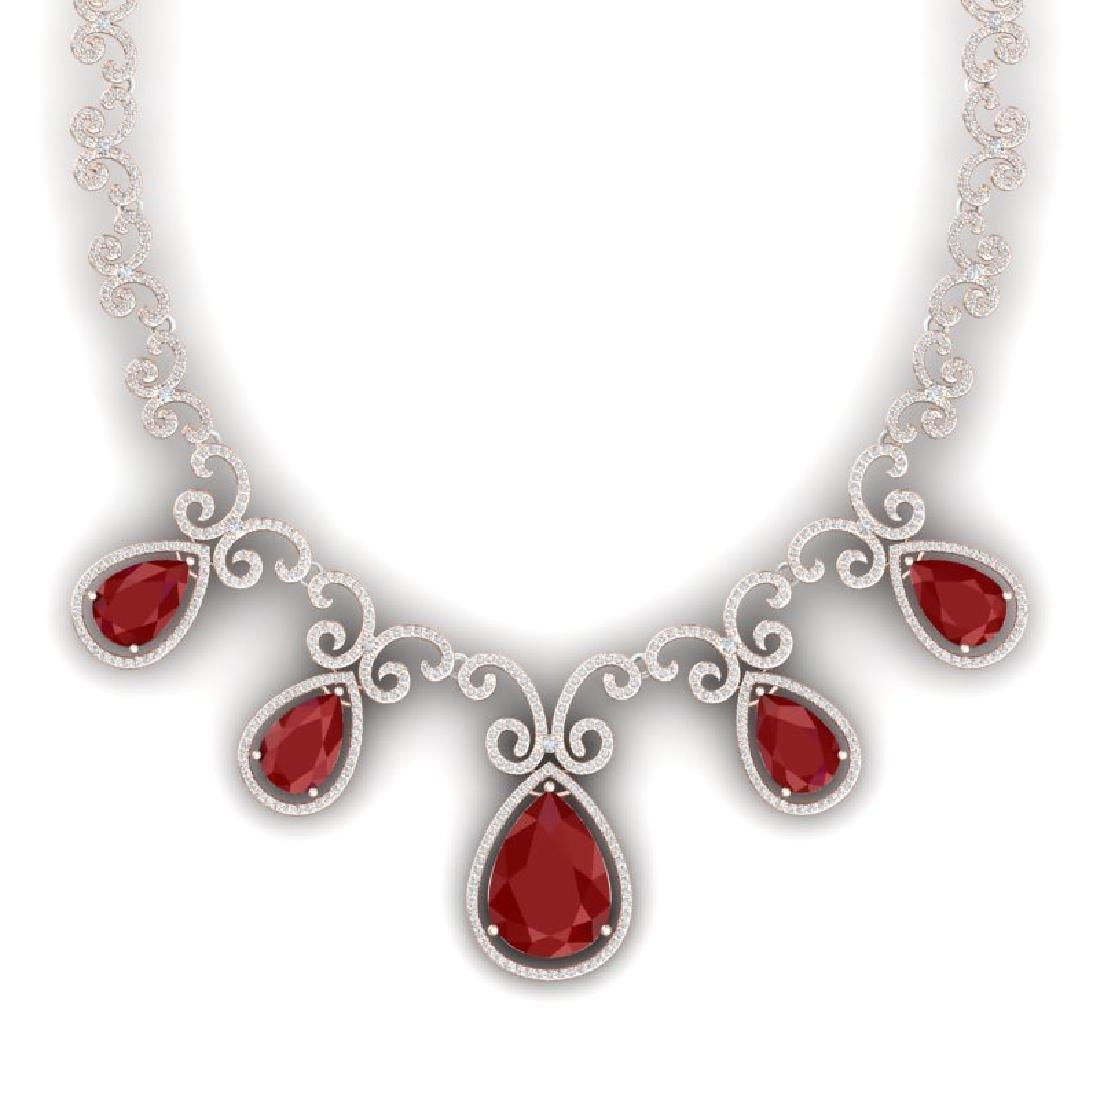 38.42 CTW Royalty Ruby & VS Diamond Necklace 18K Rose